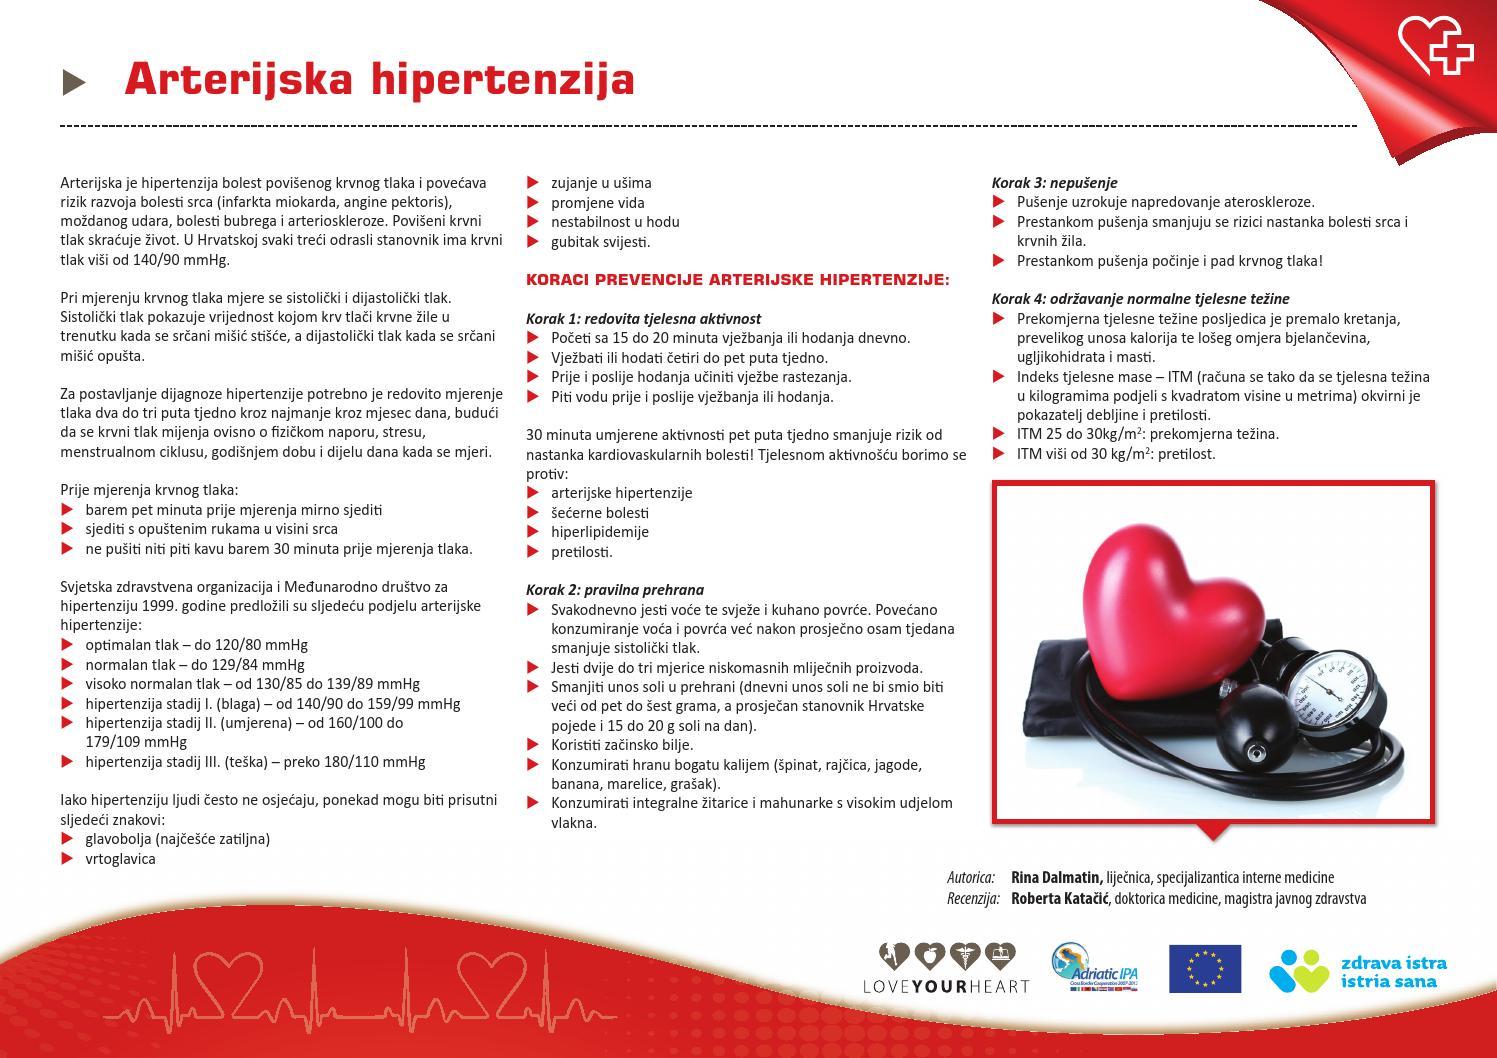 uzrokuje hipertenzije 20 godina